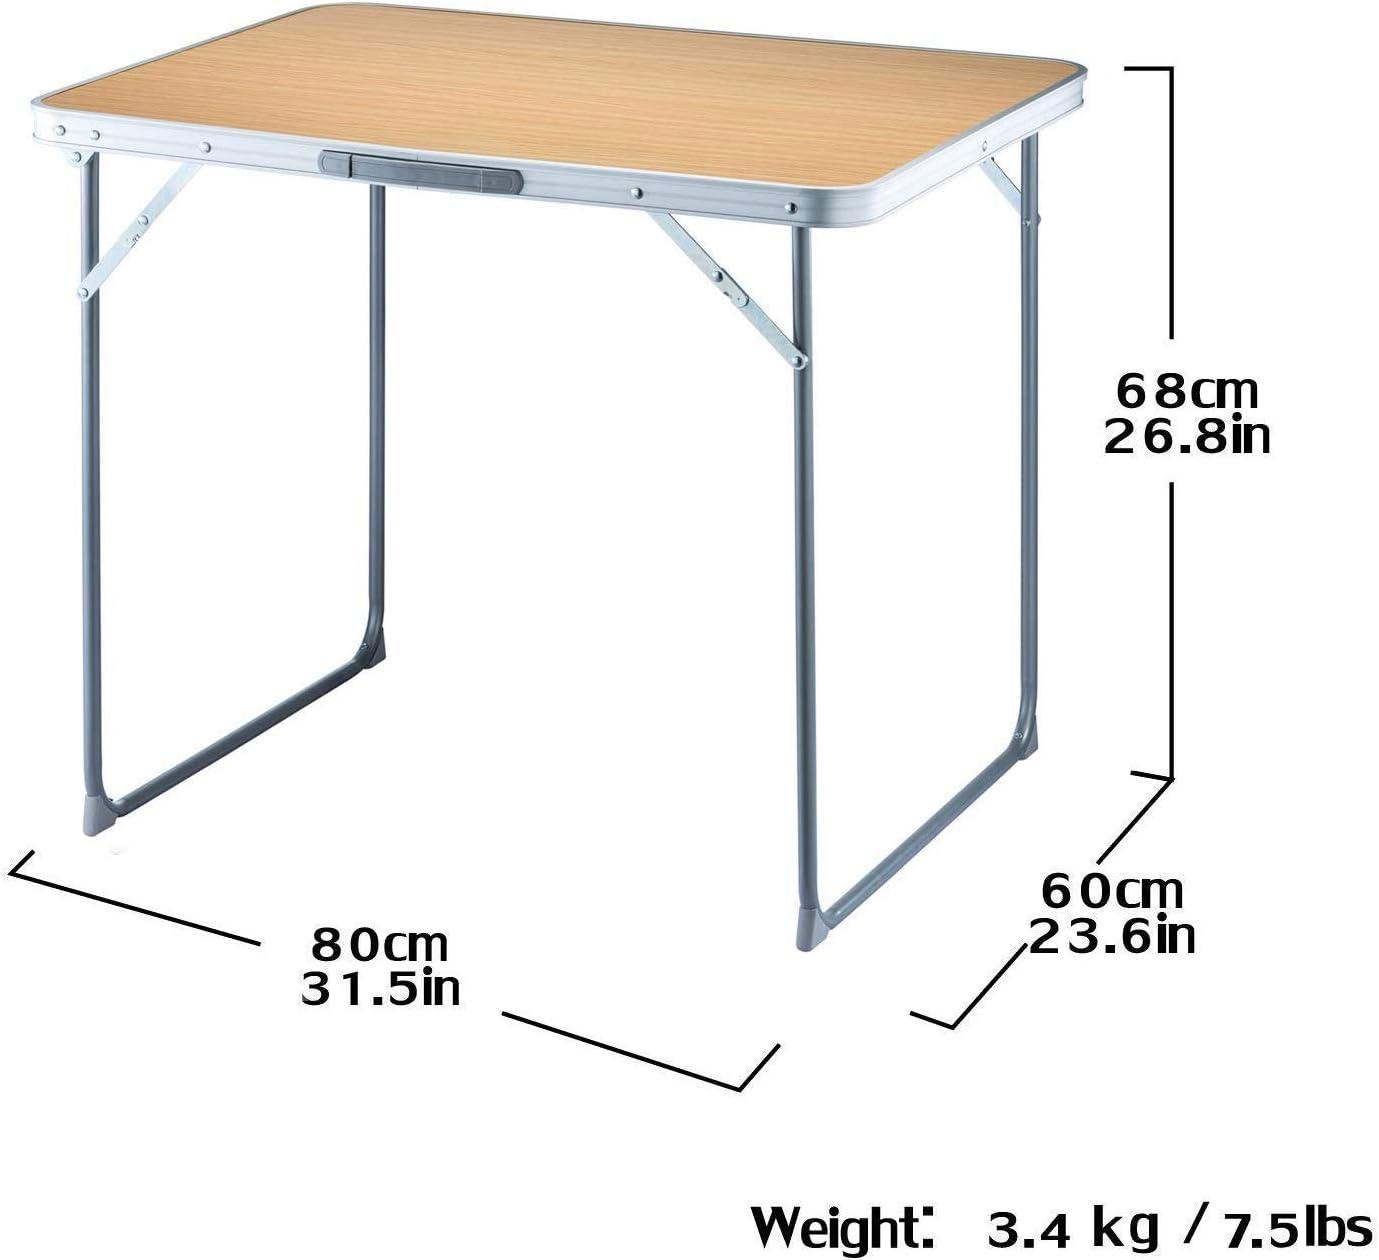 MQQ Plegables portátiles Tablas Mesa de Camping Ultraligero Plegable Mesa de jardín con Mango, el Marco de Acero Reforzado fácil de Llevar y Limpio: Amazon.es: Hogar